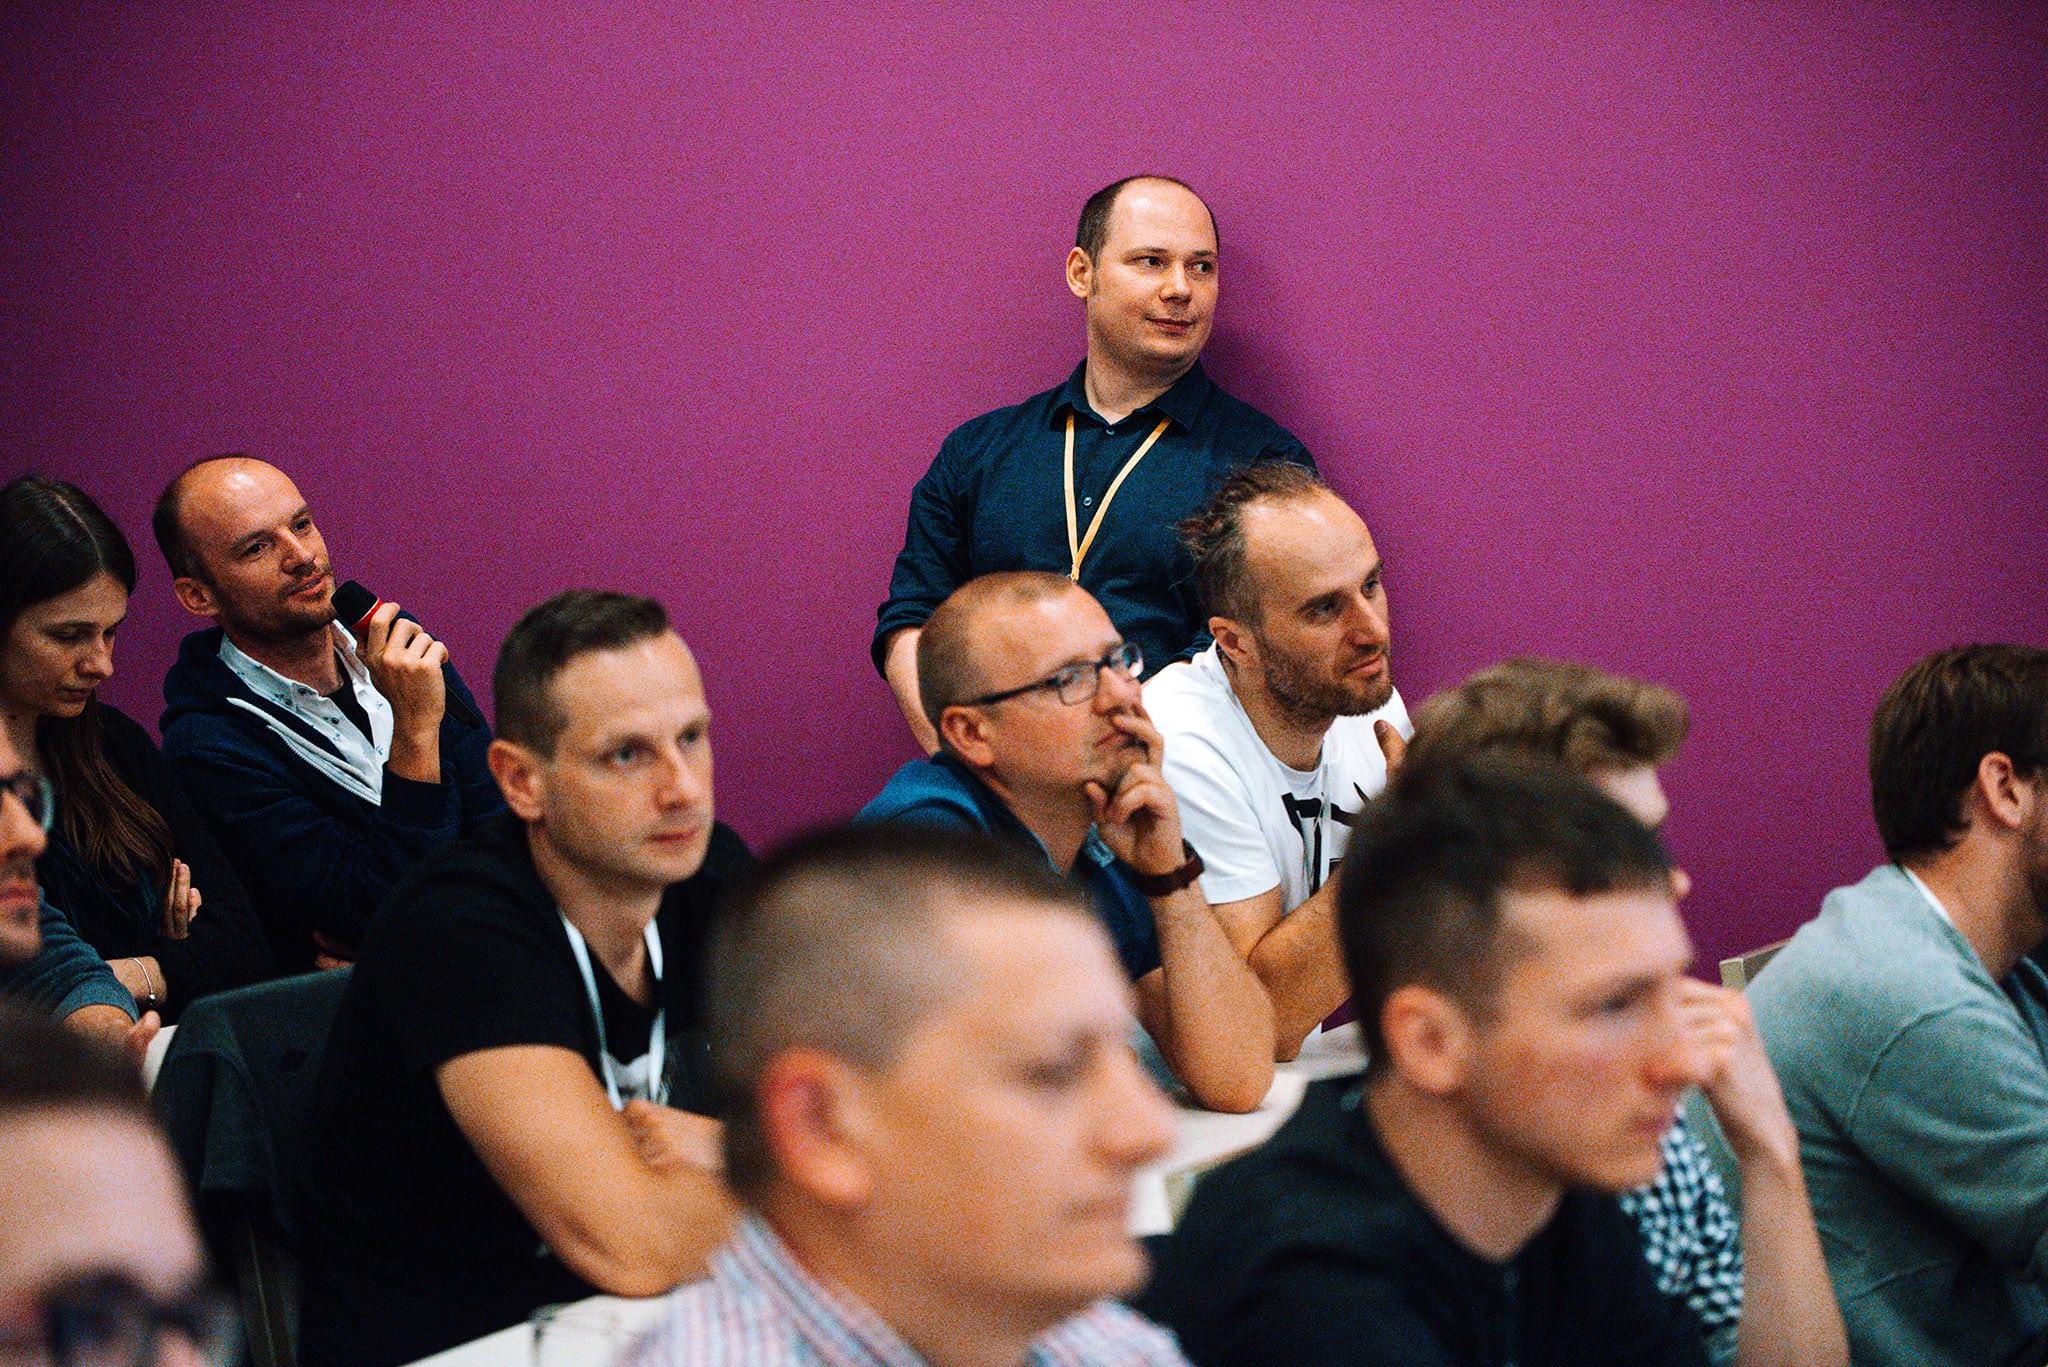 dokumentacja fotograficzna konferencji